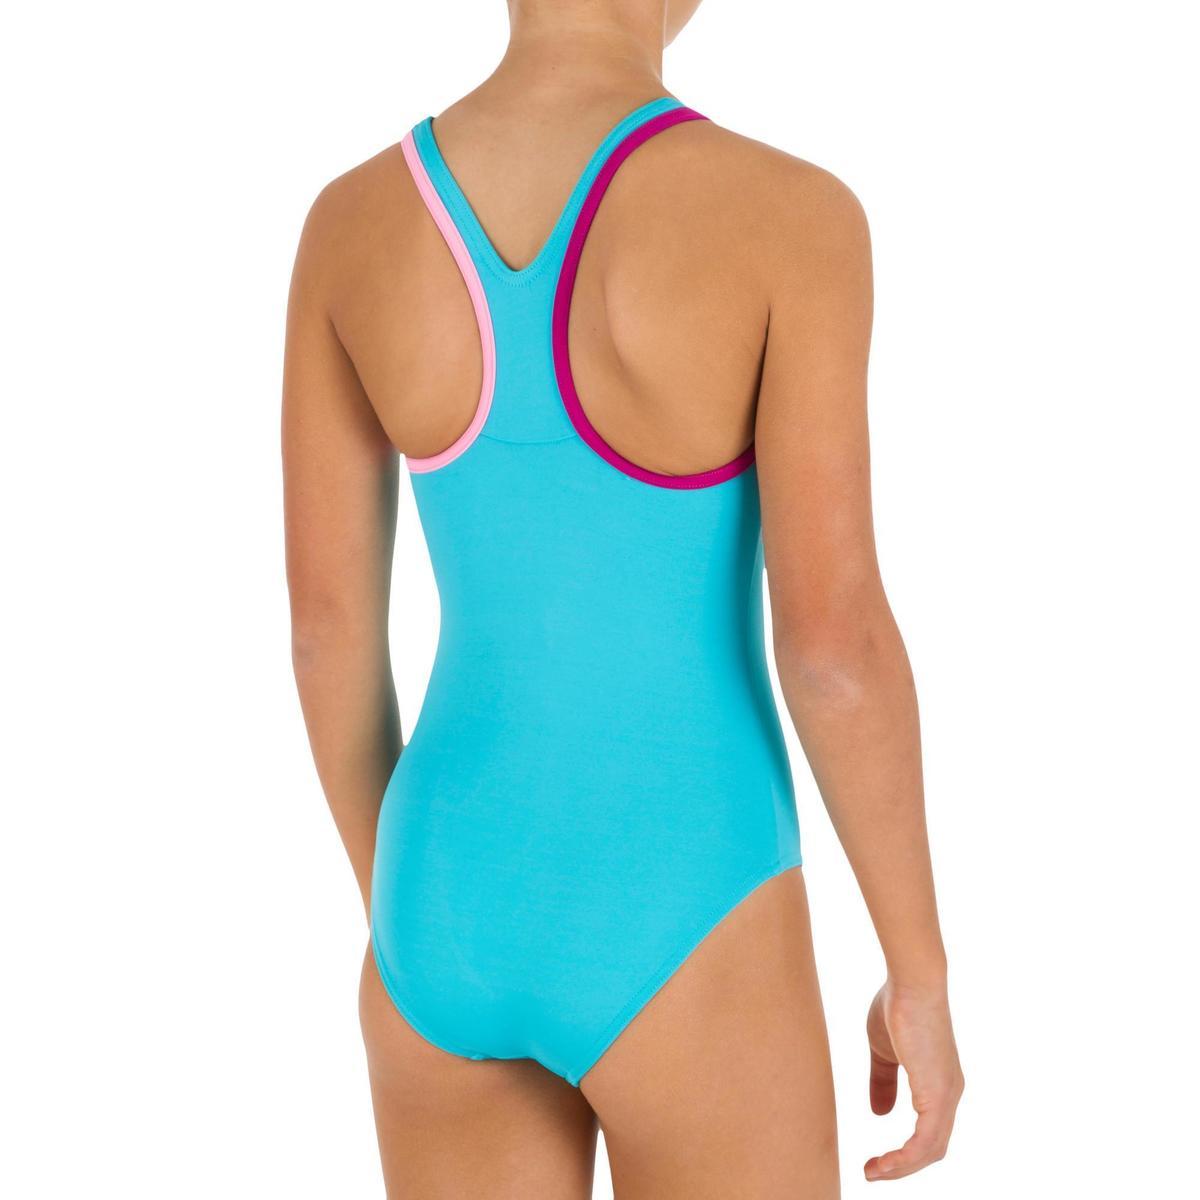 Bild 3 von Badeanzug Leony+ Mädchen blau/violett